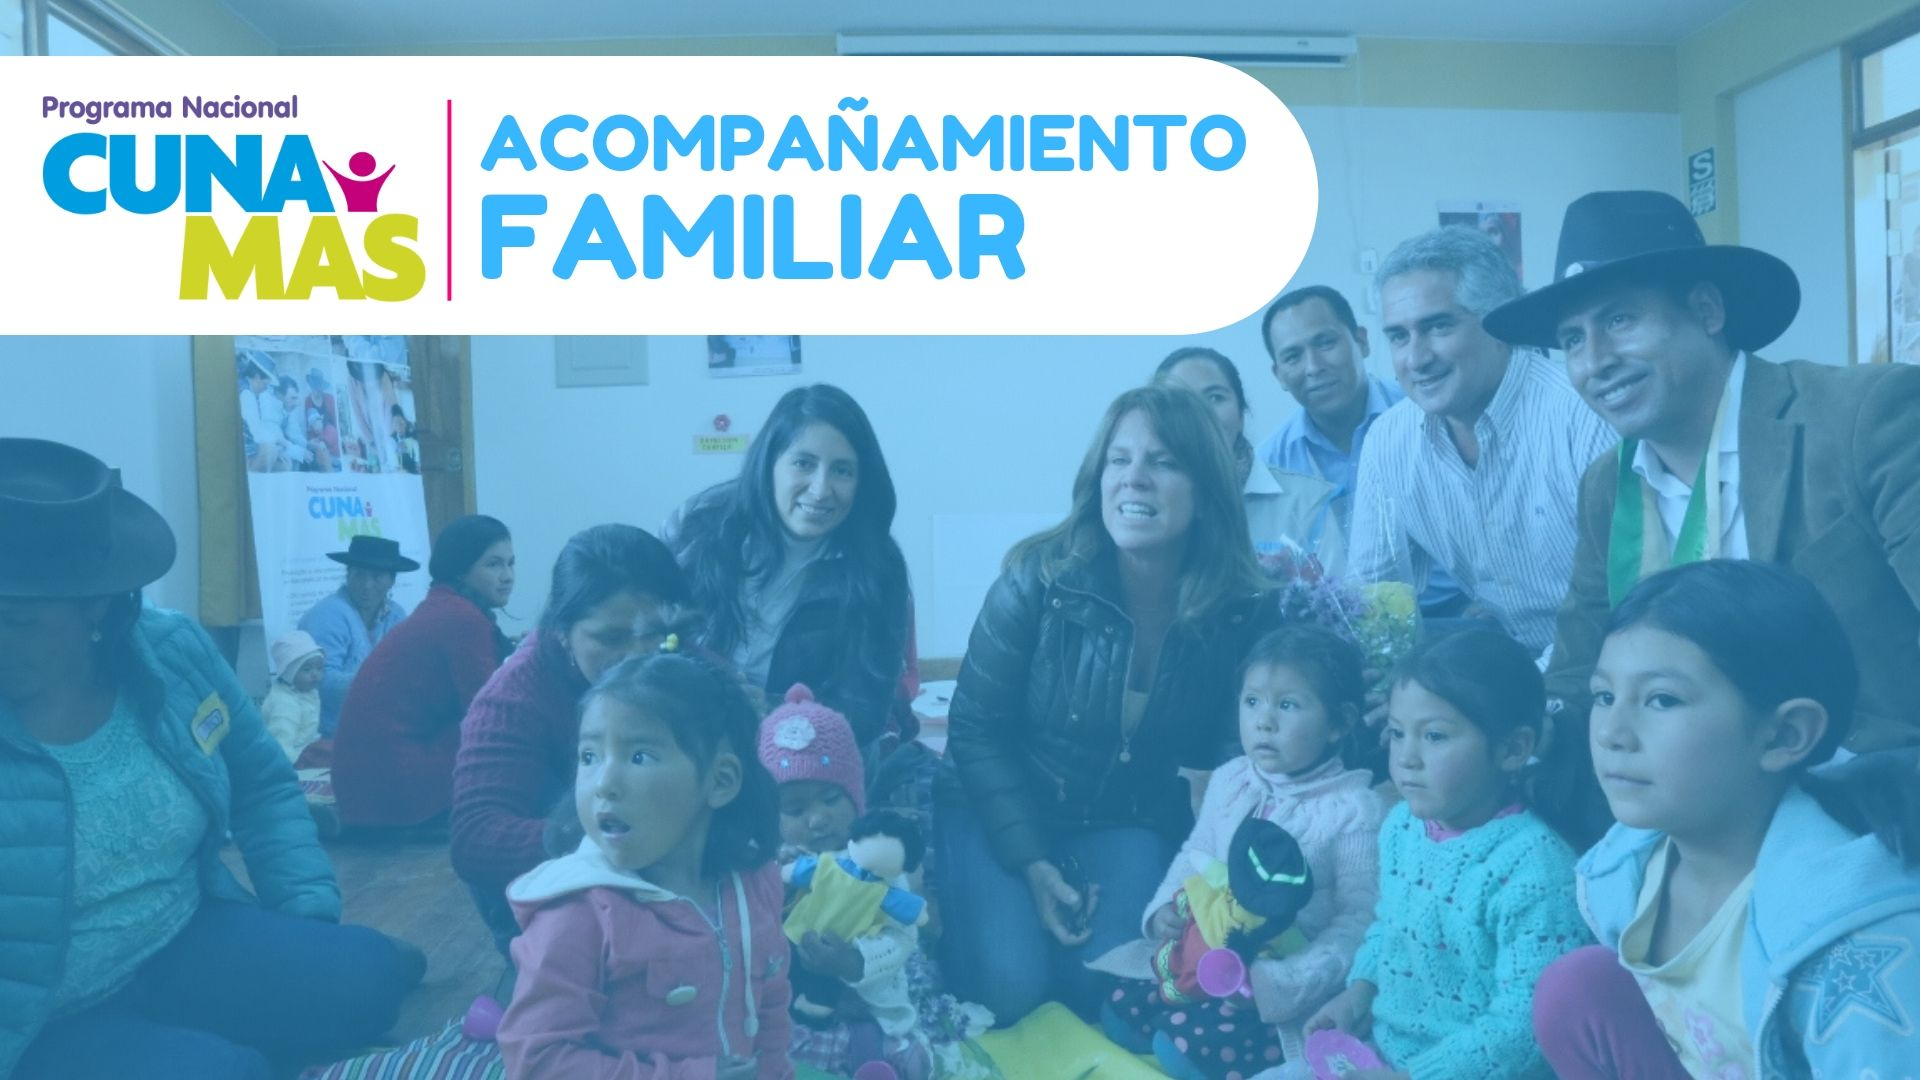 Servicio de acompañamiento familiar Cuna Más Perú